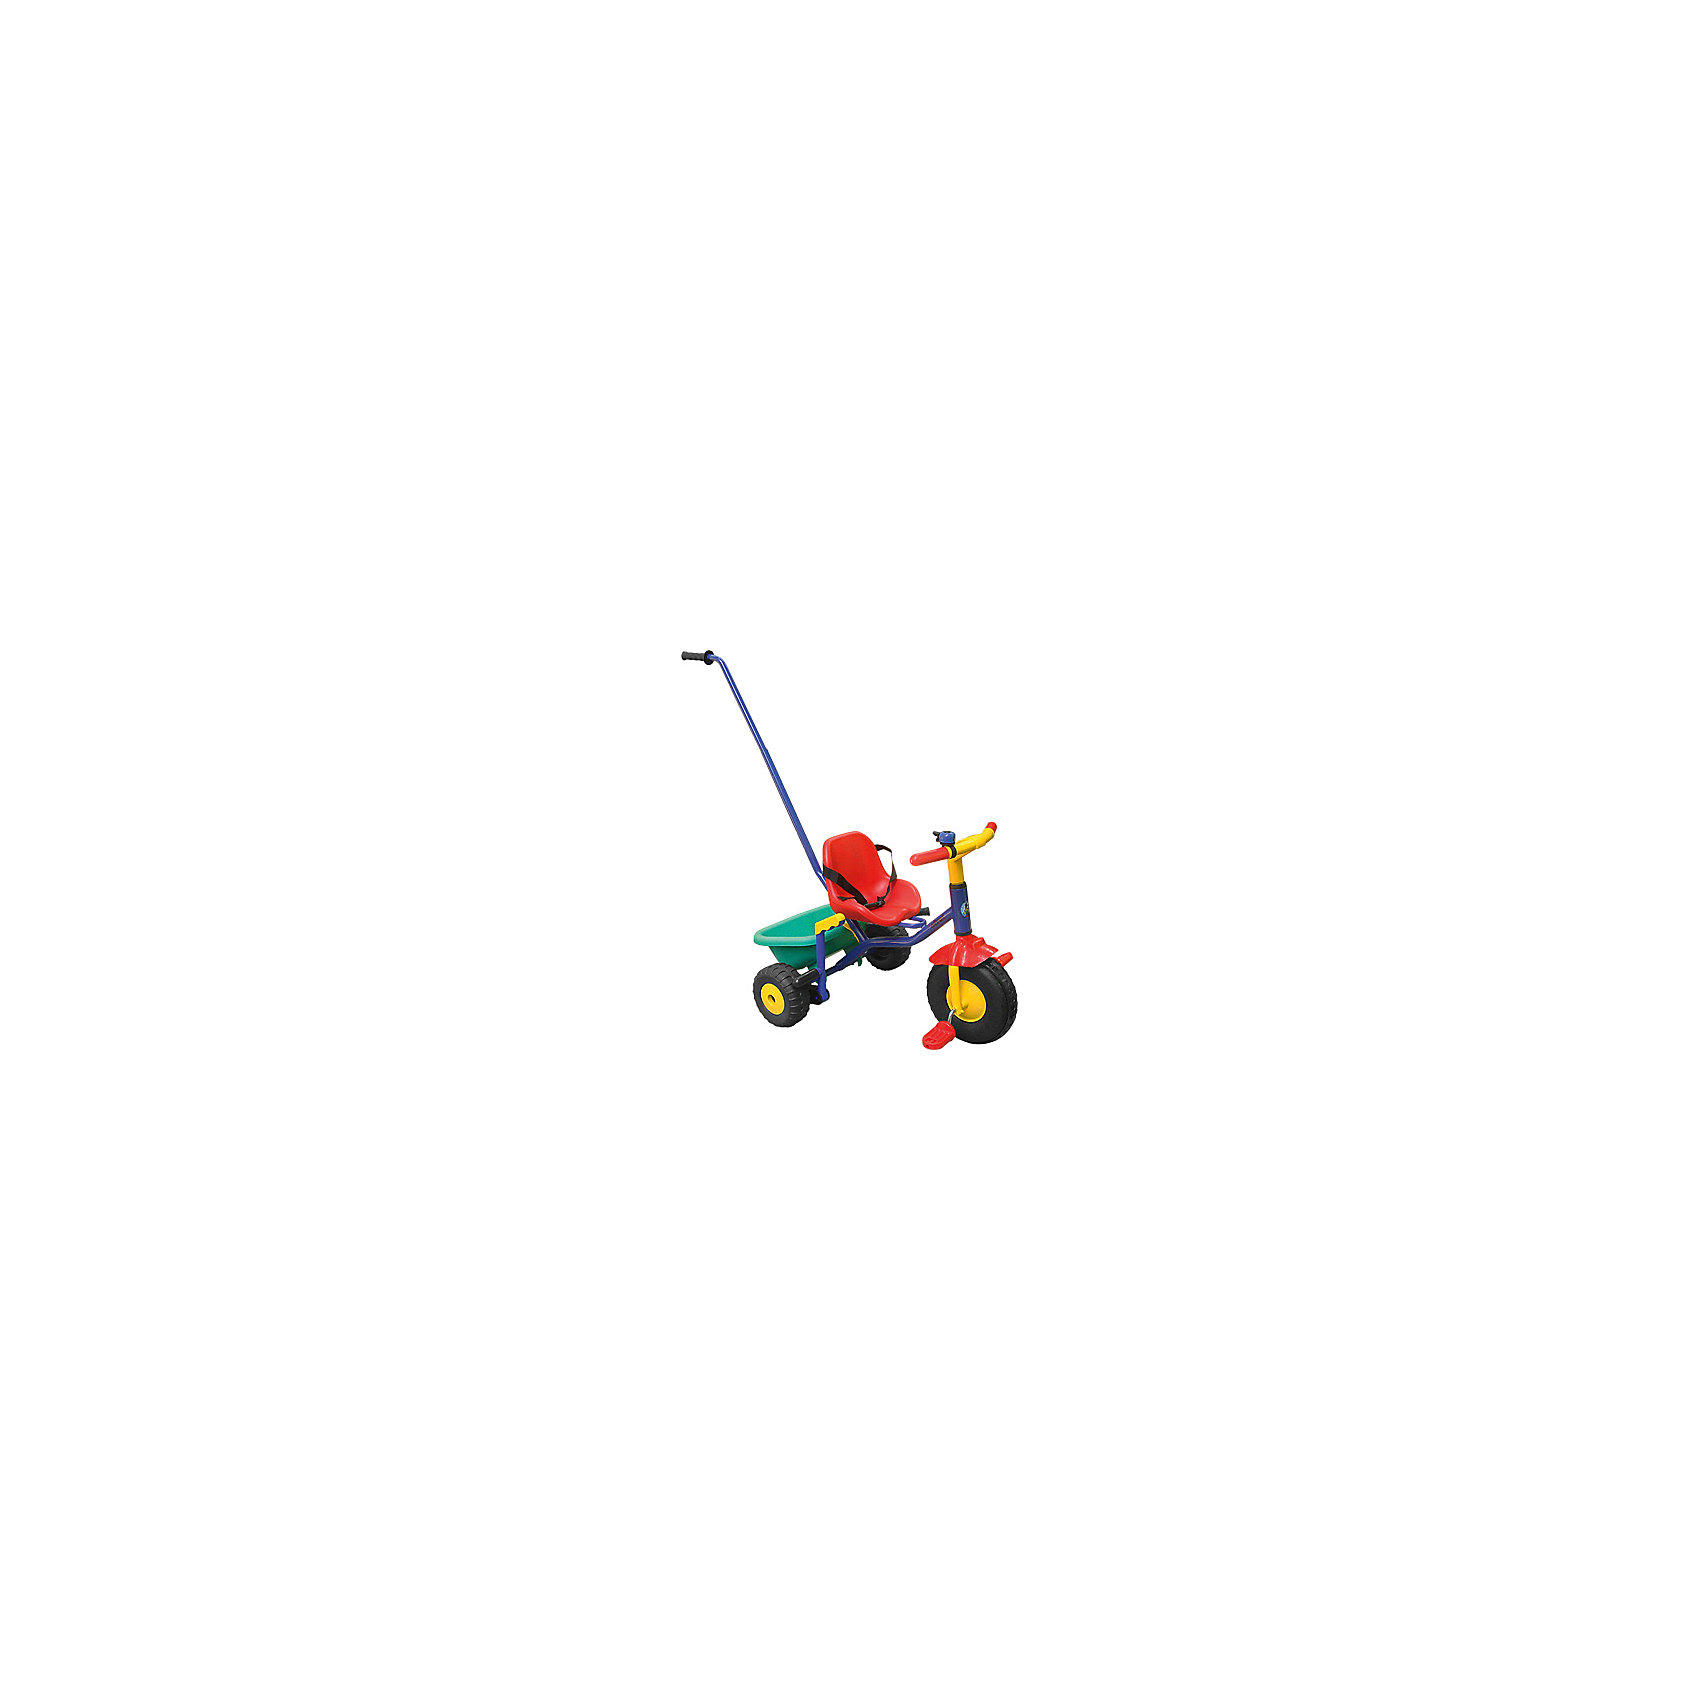 Велосипед трехколесный Teeny Trike, OfratВелосипеды детские<br>Детский 3-х колесный велосипед Teeny Trike современного дизайна с широкой, устойчивой и крепкой конструкцией - прекрасный вариант для прогулок. Прочная стальная рама и детали из высококачественного пластика гарантируют устойчивость и долговечность. Велосипед имеет удобное эргономичное сиденье с ремнями безопасности и плавной регулировкой положения – ближе-дальше к рулю; рифленые пластиковые педали; устойчивые колеса; тормоз на заднем колесе и звоночек на руле. Для родителей предусмотрена регулируемая по высоте удобная металлическая ручка-толкатель с пластиковой накладкой. Модель оснащена вместительной багажной корзиной, которая откидывается как кузов самосвала. <br><br>Дополнительная информация:<br><br>- Материал: сталь, пластик, резина.<br>- Вес: 3,5 кг. <br>- Размер: 51х24,5х28,2 см. <br>- Высота с толкателем: 89-95 см.<br>- Для детей от 15 мес.<br>- Удобное сиденье.<br>- Ремень безопасности.<br>- Ручка-толкатель для родителей регулируется по высоте (4 положения). <br>- Рифленые пластиковые педали.<br>- Откидывающаяся корзина для игрушек. <br>- Ручной тормоз на заднее колесо.<br>- Звоночек на руле.<br>- Упакован в индивидуальную цветную коробку<br><br>- Сделано в Израиле<br><br>Велосипед трехколесный Teeny Trike, Ofrat, можно купить в нашем магазине.<br><br>Ширина мм: 280<br>Глубина мм: 250<br>Высота мм: 510<br>Вес г: 4000<br>Возраст от месяцев: 15<br>Возраст до месяцев: 36<br>Пол: Унисекс<br>Возраст: Детский<br>SKU: 4633669